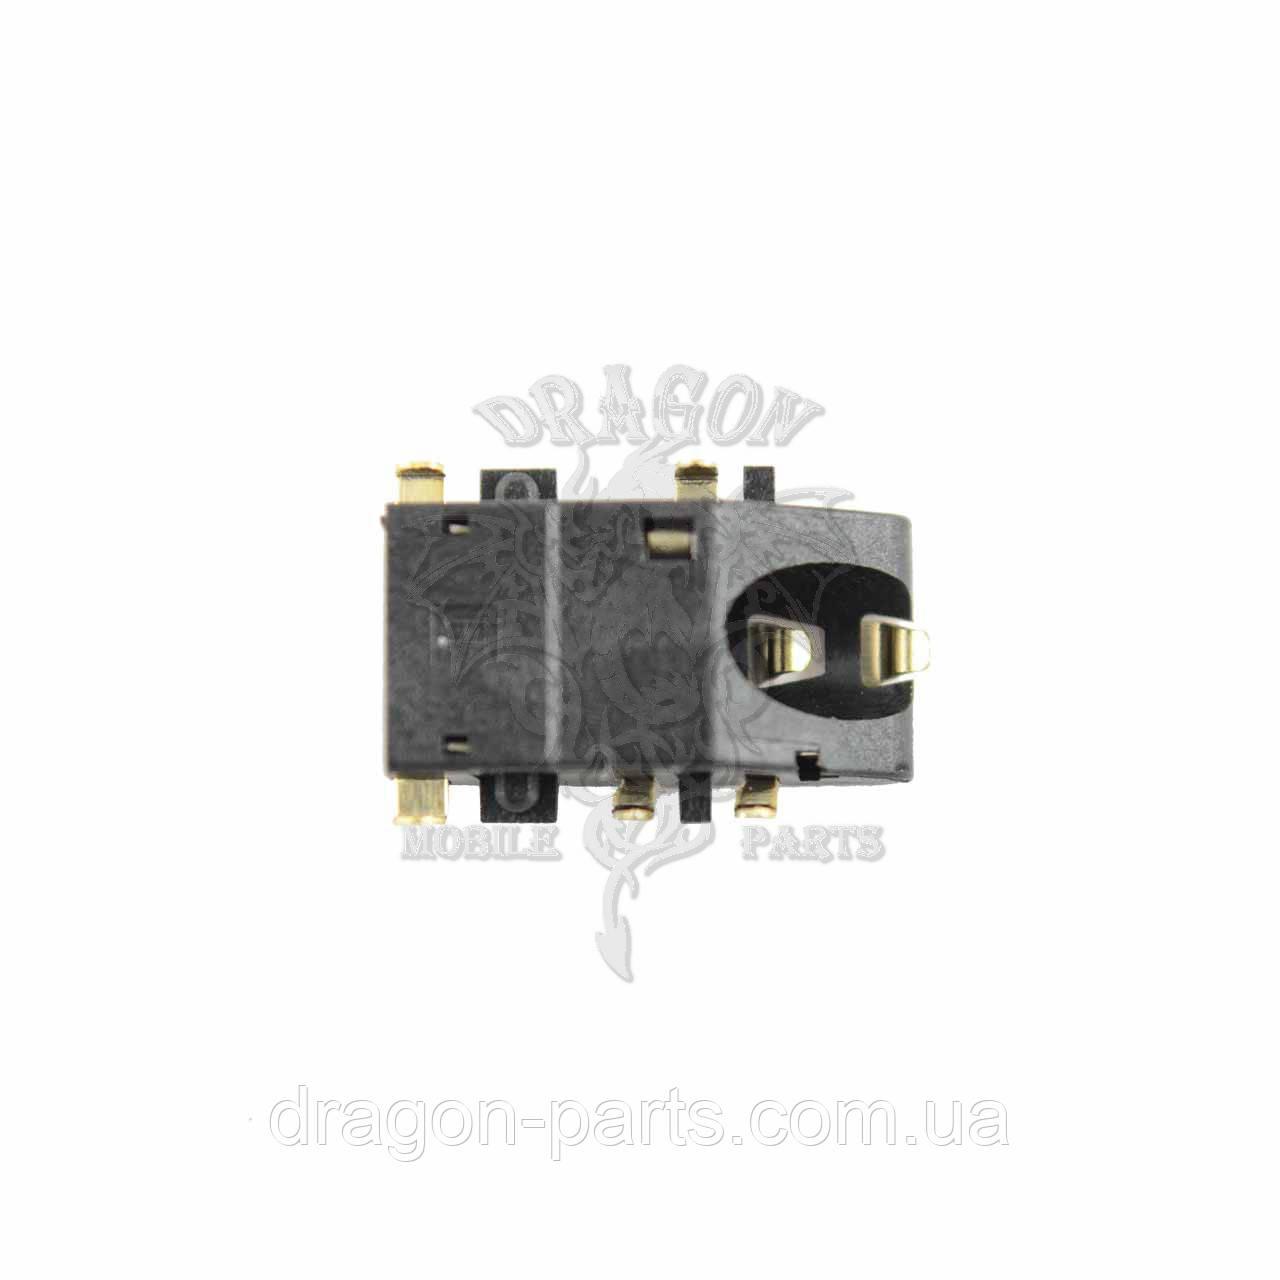 Разъем коннектор гарнитуры Nomi Ultra 3 LTE Pro C101040, оригинал